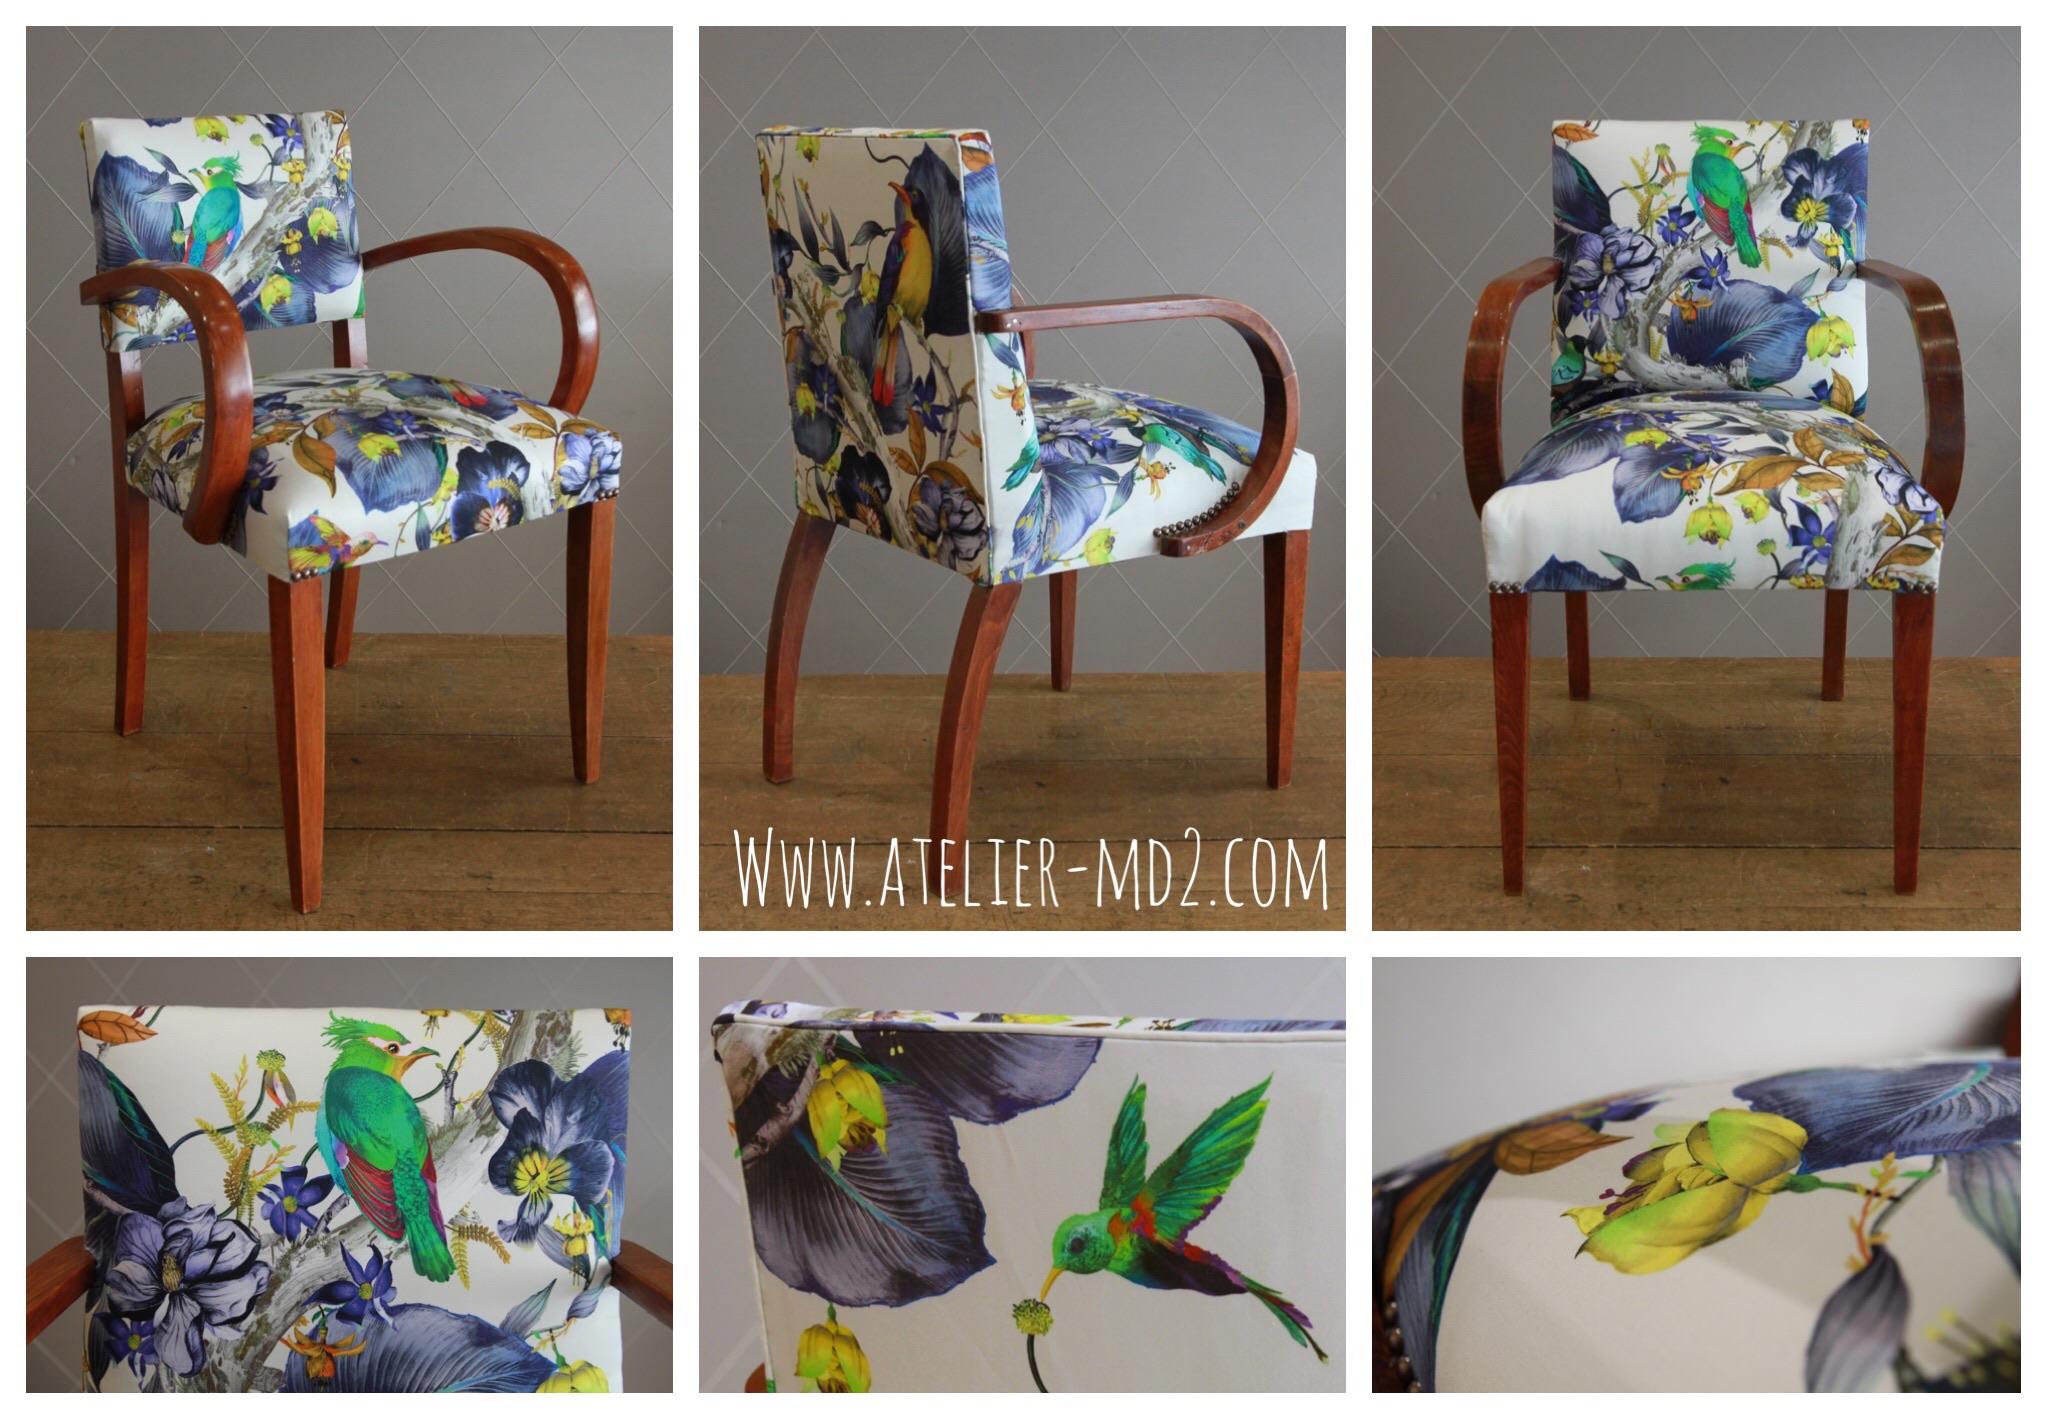 Rencontre entre deux fauteuils bridge et le Tissu Rainforest